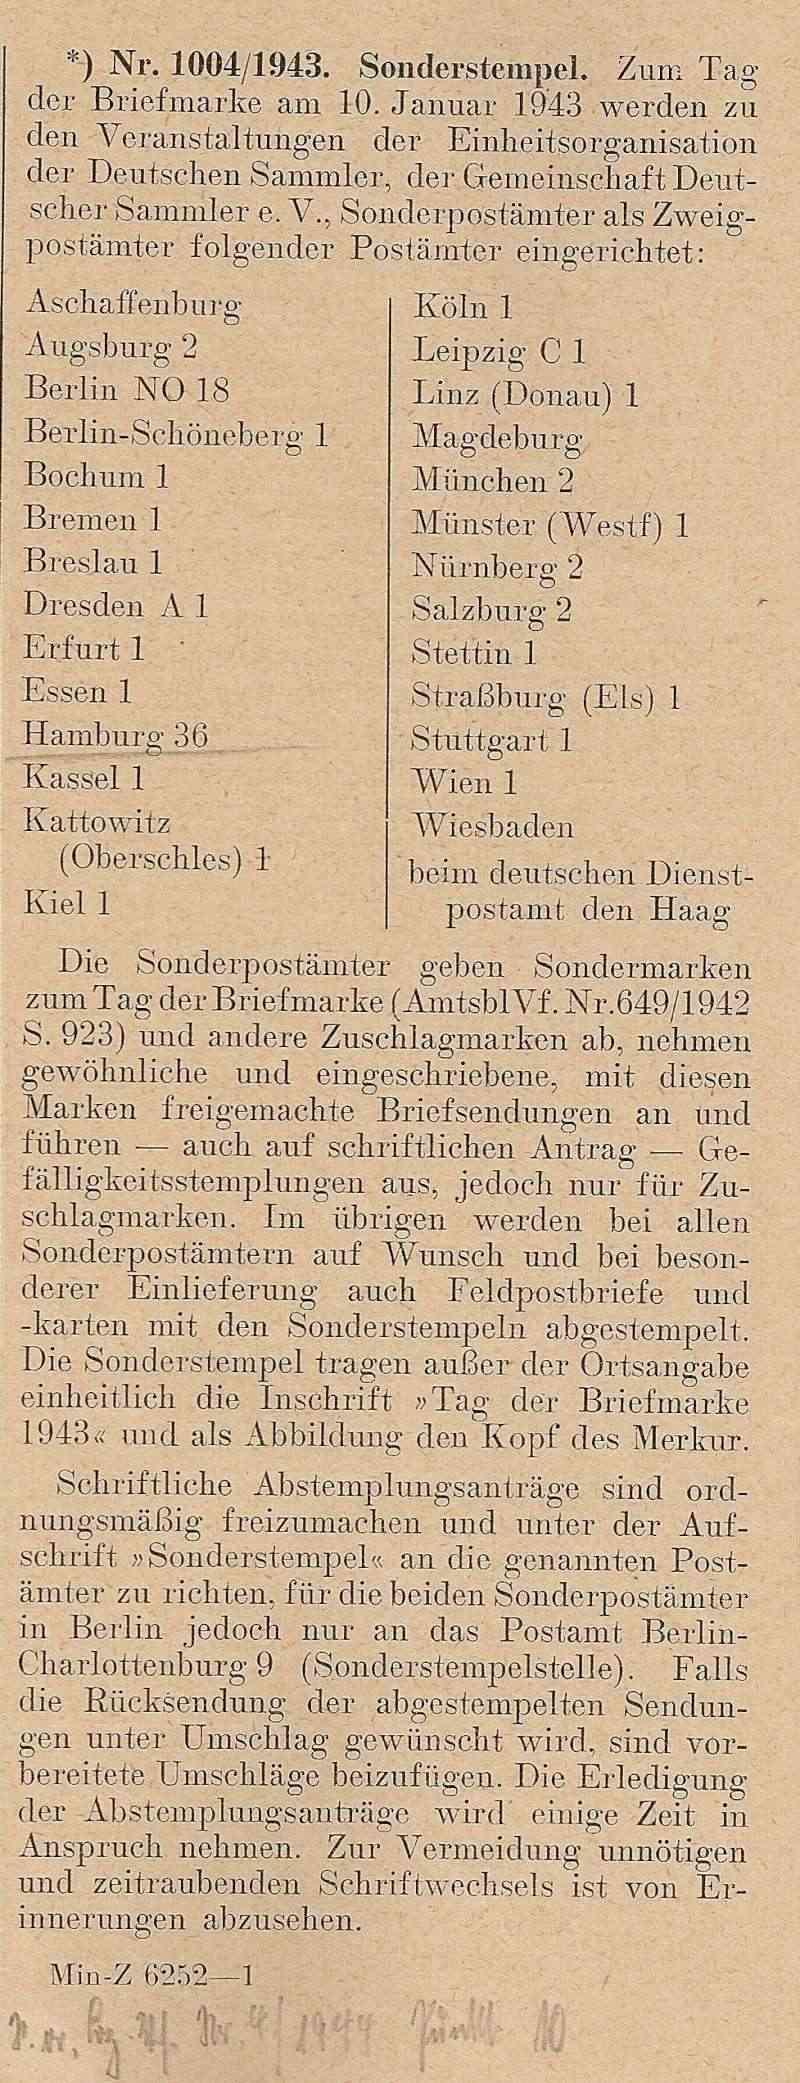 Belege / Sonderstempel Deutsches Reich 1943 Scan1007